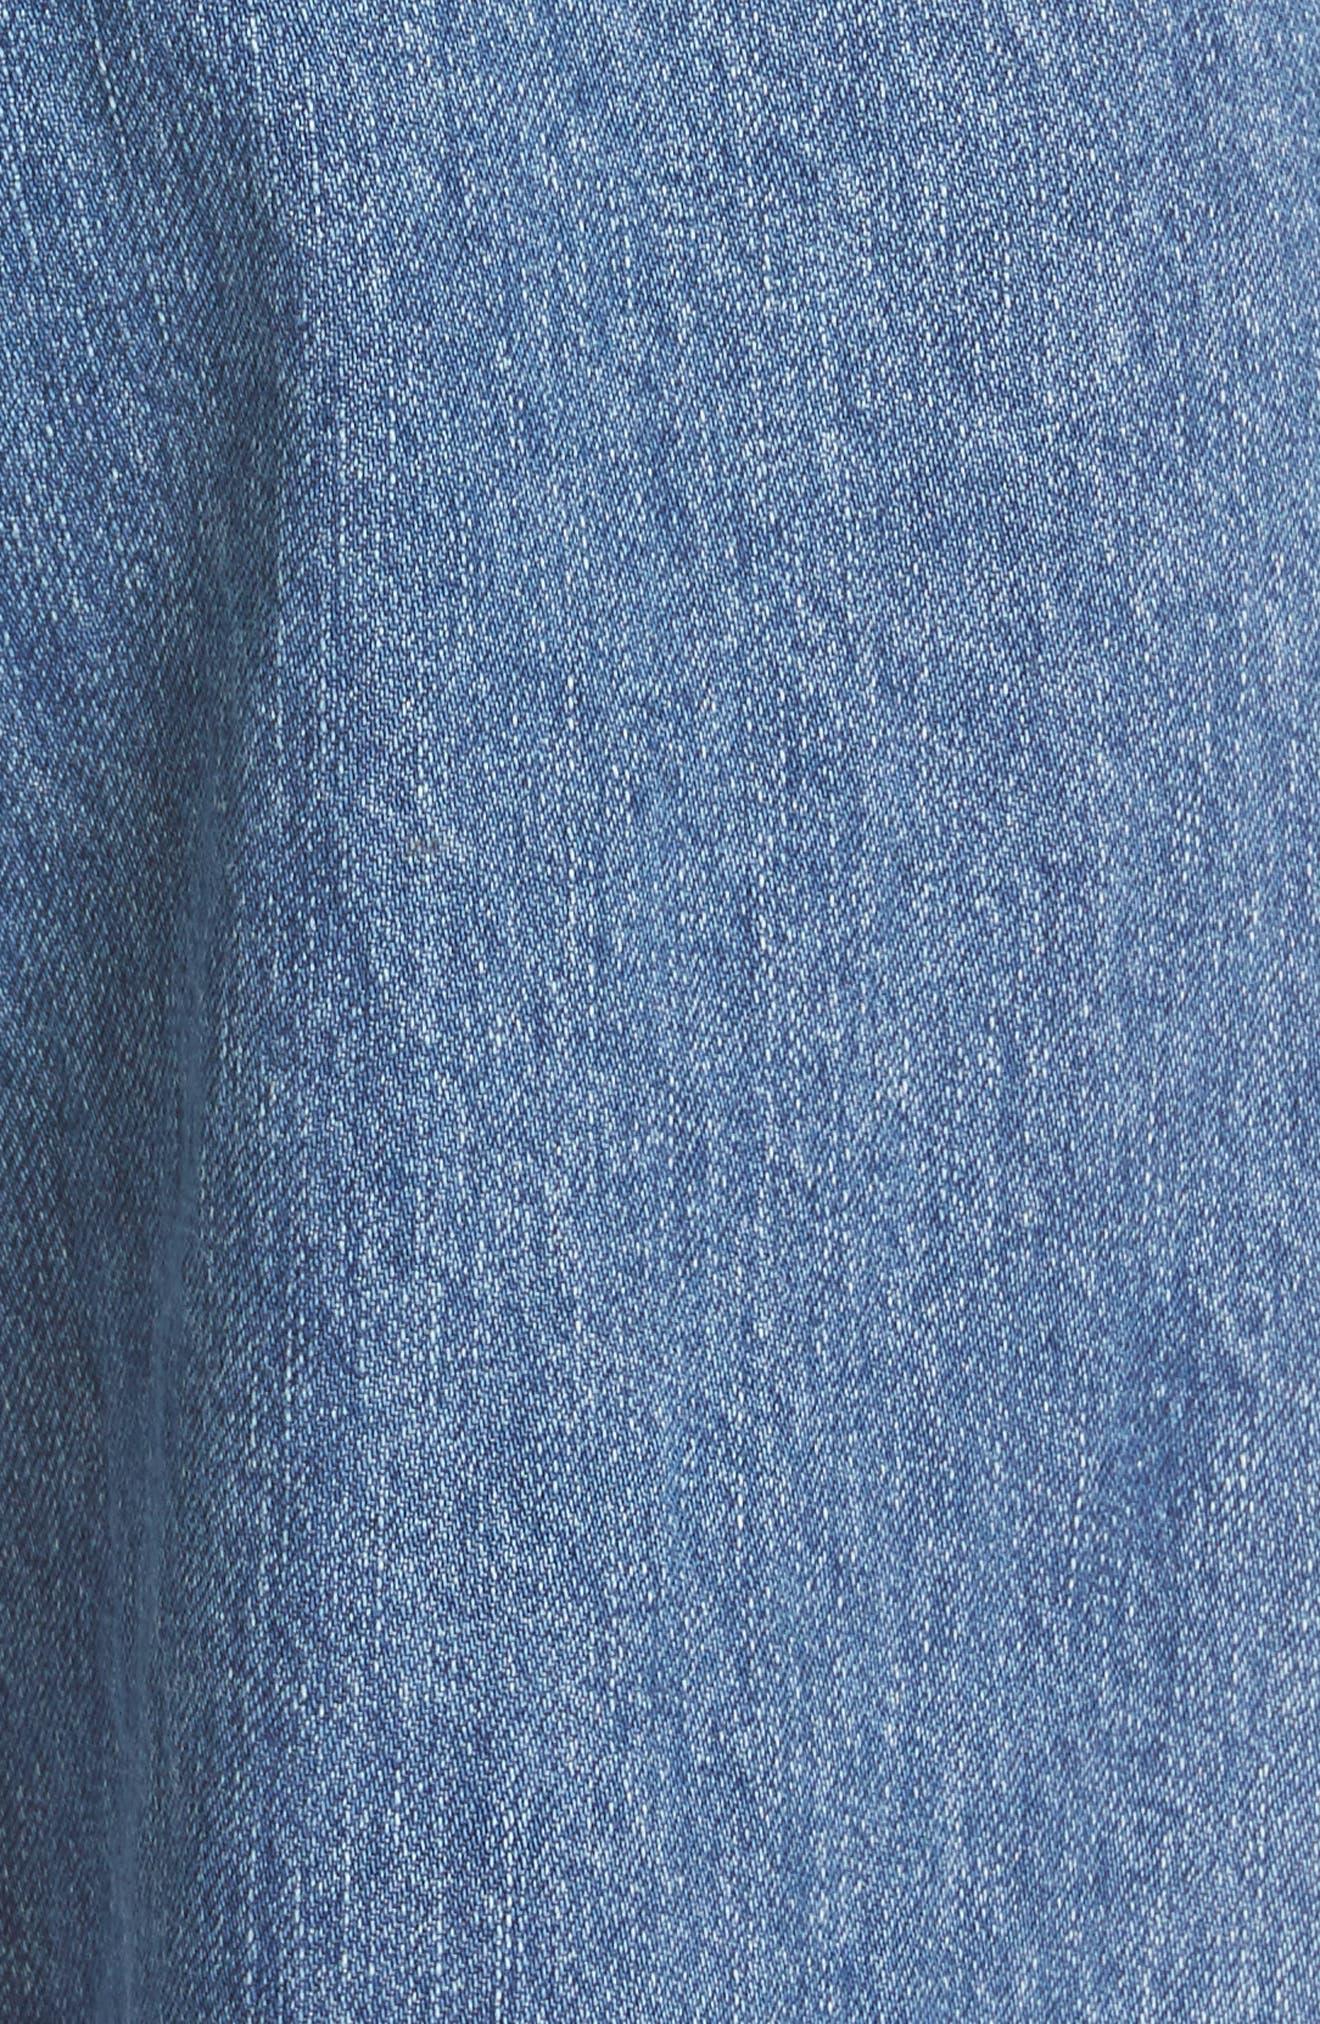 Crop Frayed Wide Leg Jeans,                             Alternate thumbnail 5, color,                             VINTAGE WASH 4